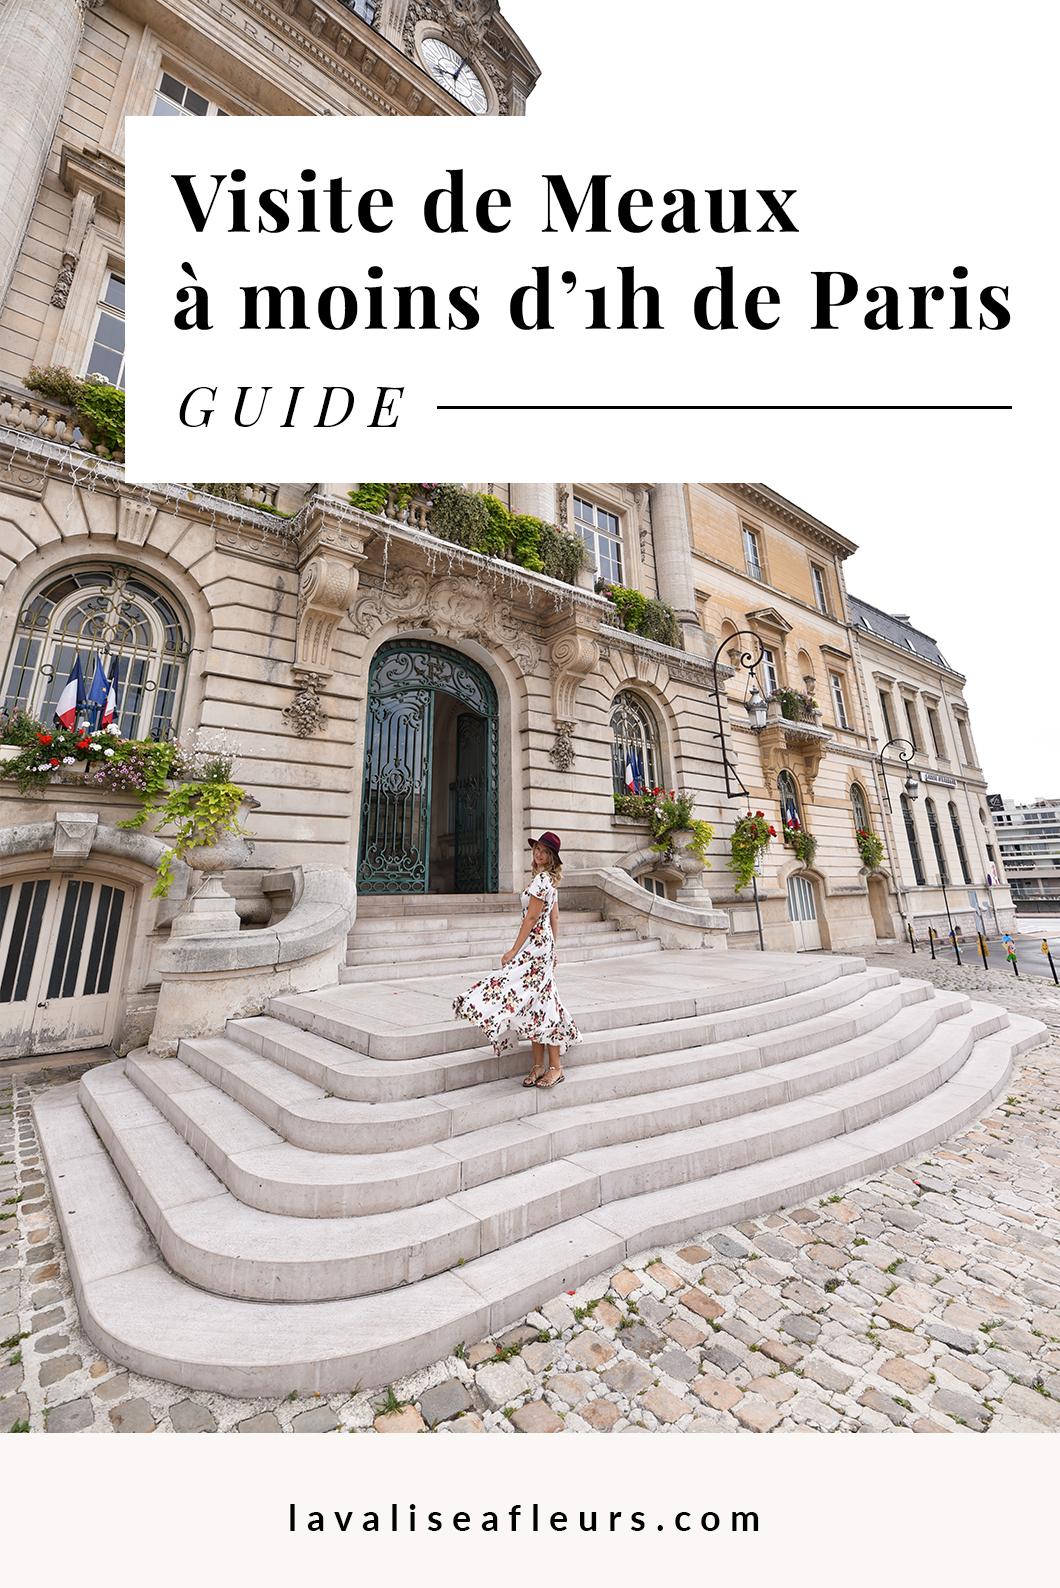 Ville médiévale de Meaux, idée de week end à moins d'1h de Paris